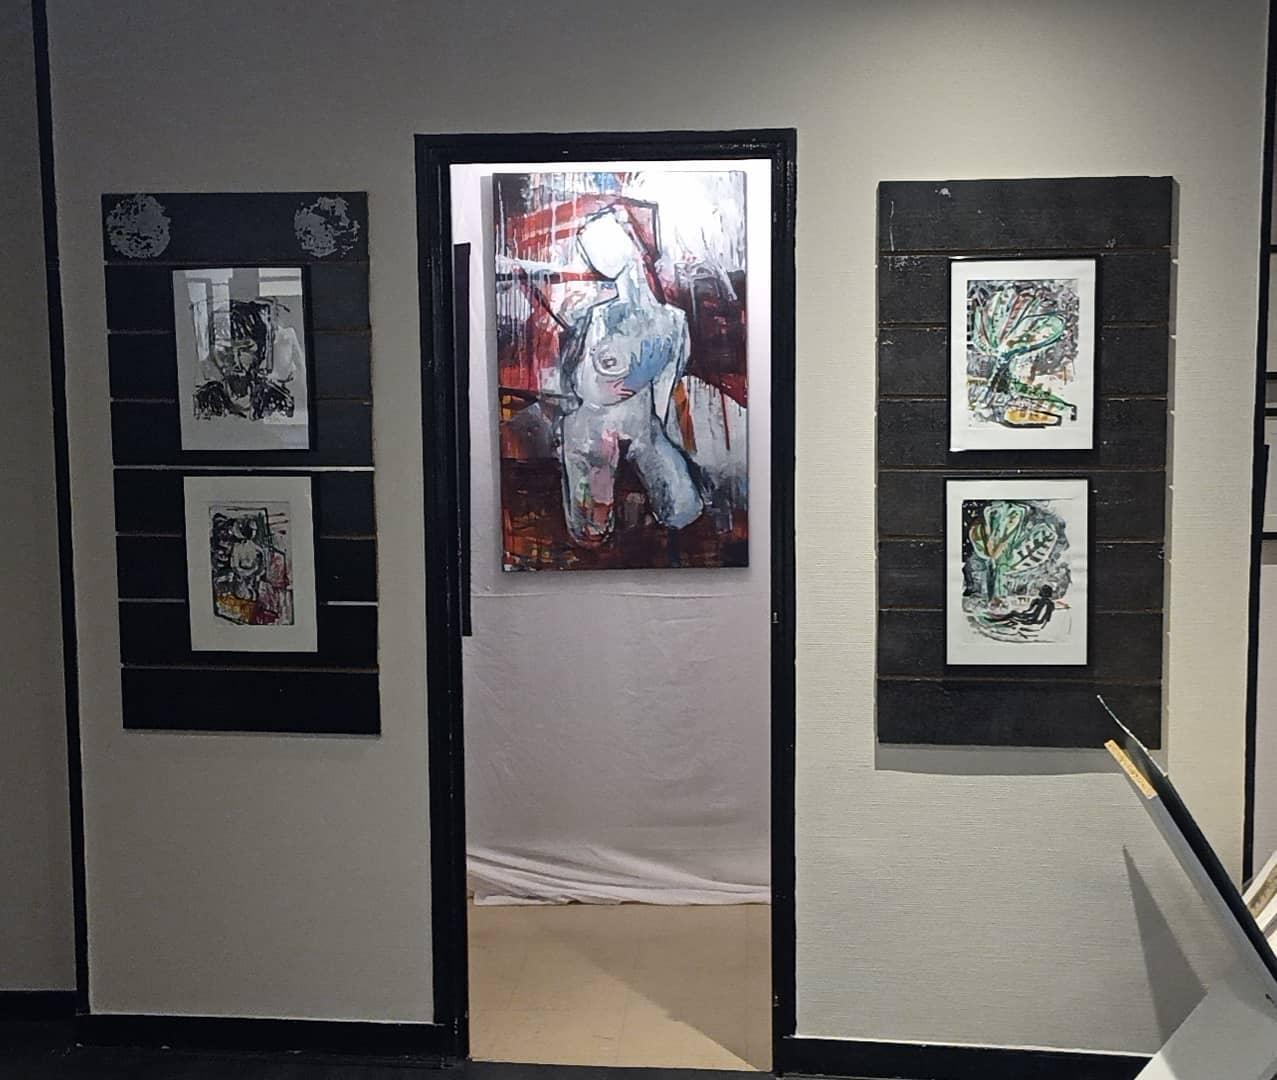 Galerie éphémère Assemblage. Du 11 décembre au 8 janvier.5 rue de la Renarderie, tous les jours de 10h30 à 19h30.